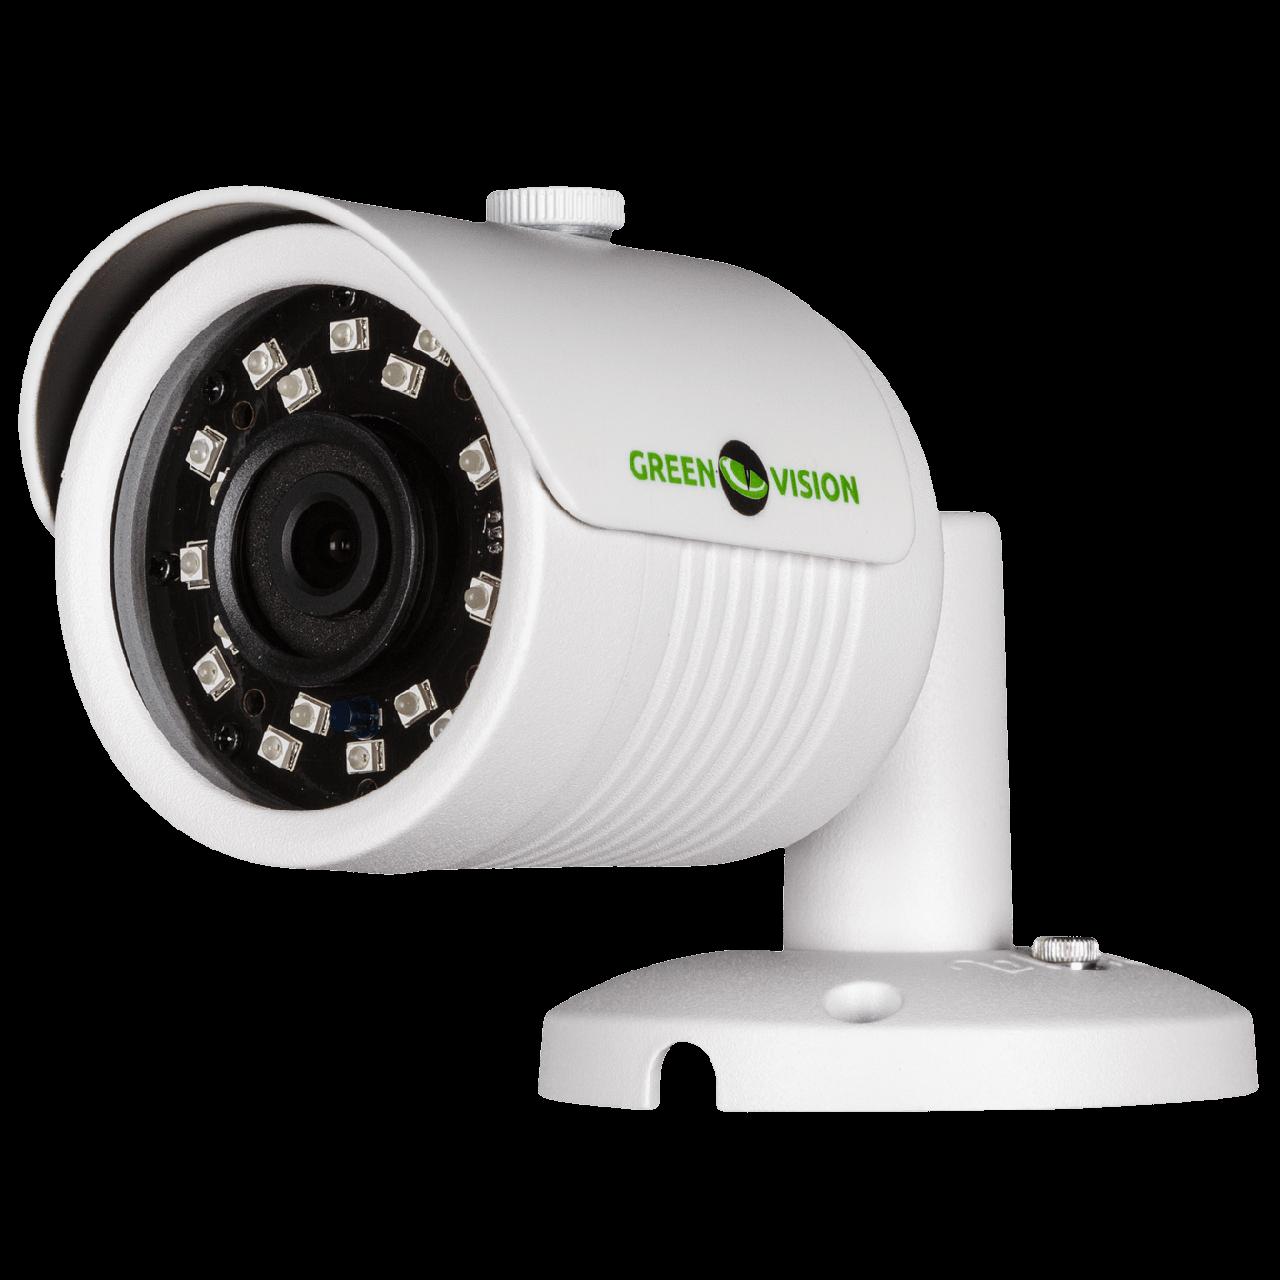 2.1 Мп Гибридная камера GreenVision GV-024-GHD-E-COO21-20 1080p (3.6 мм)